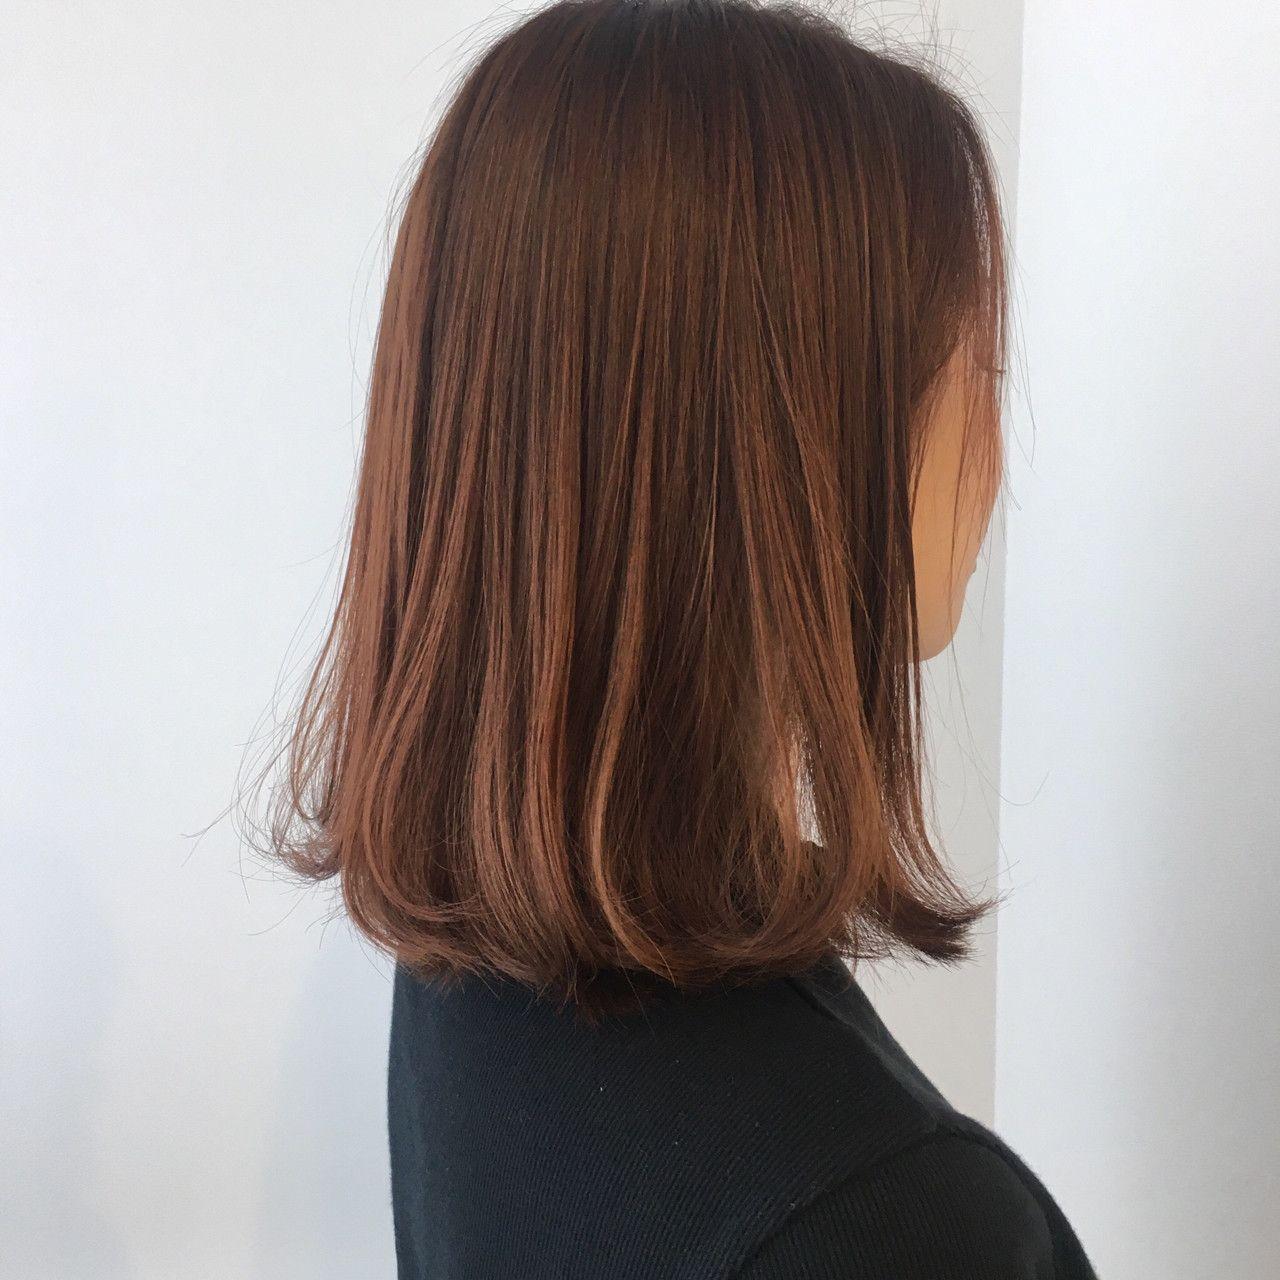 オレンジブラウン ヘアスタイリング ヘアカット 髪色 オレンジ